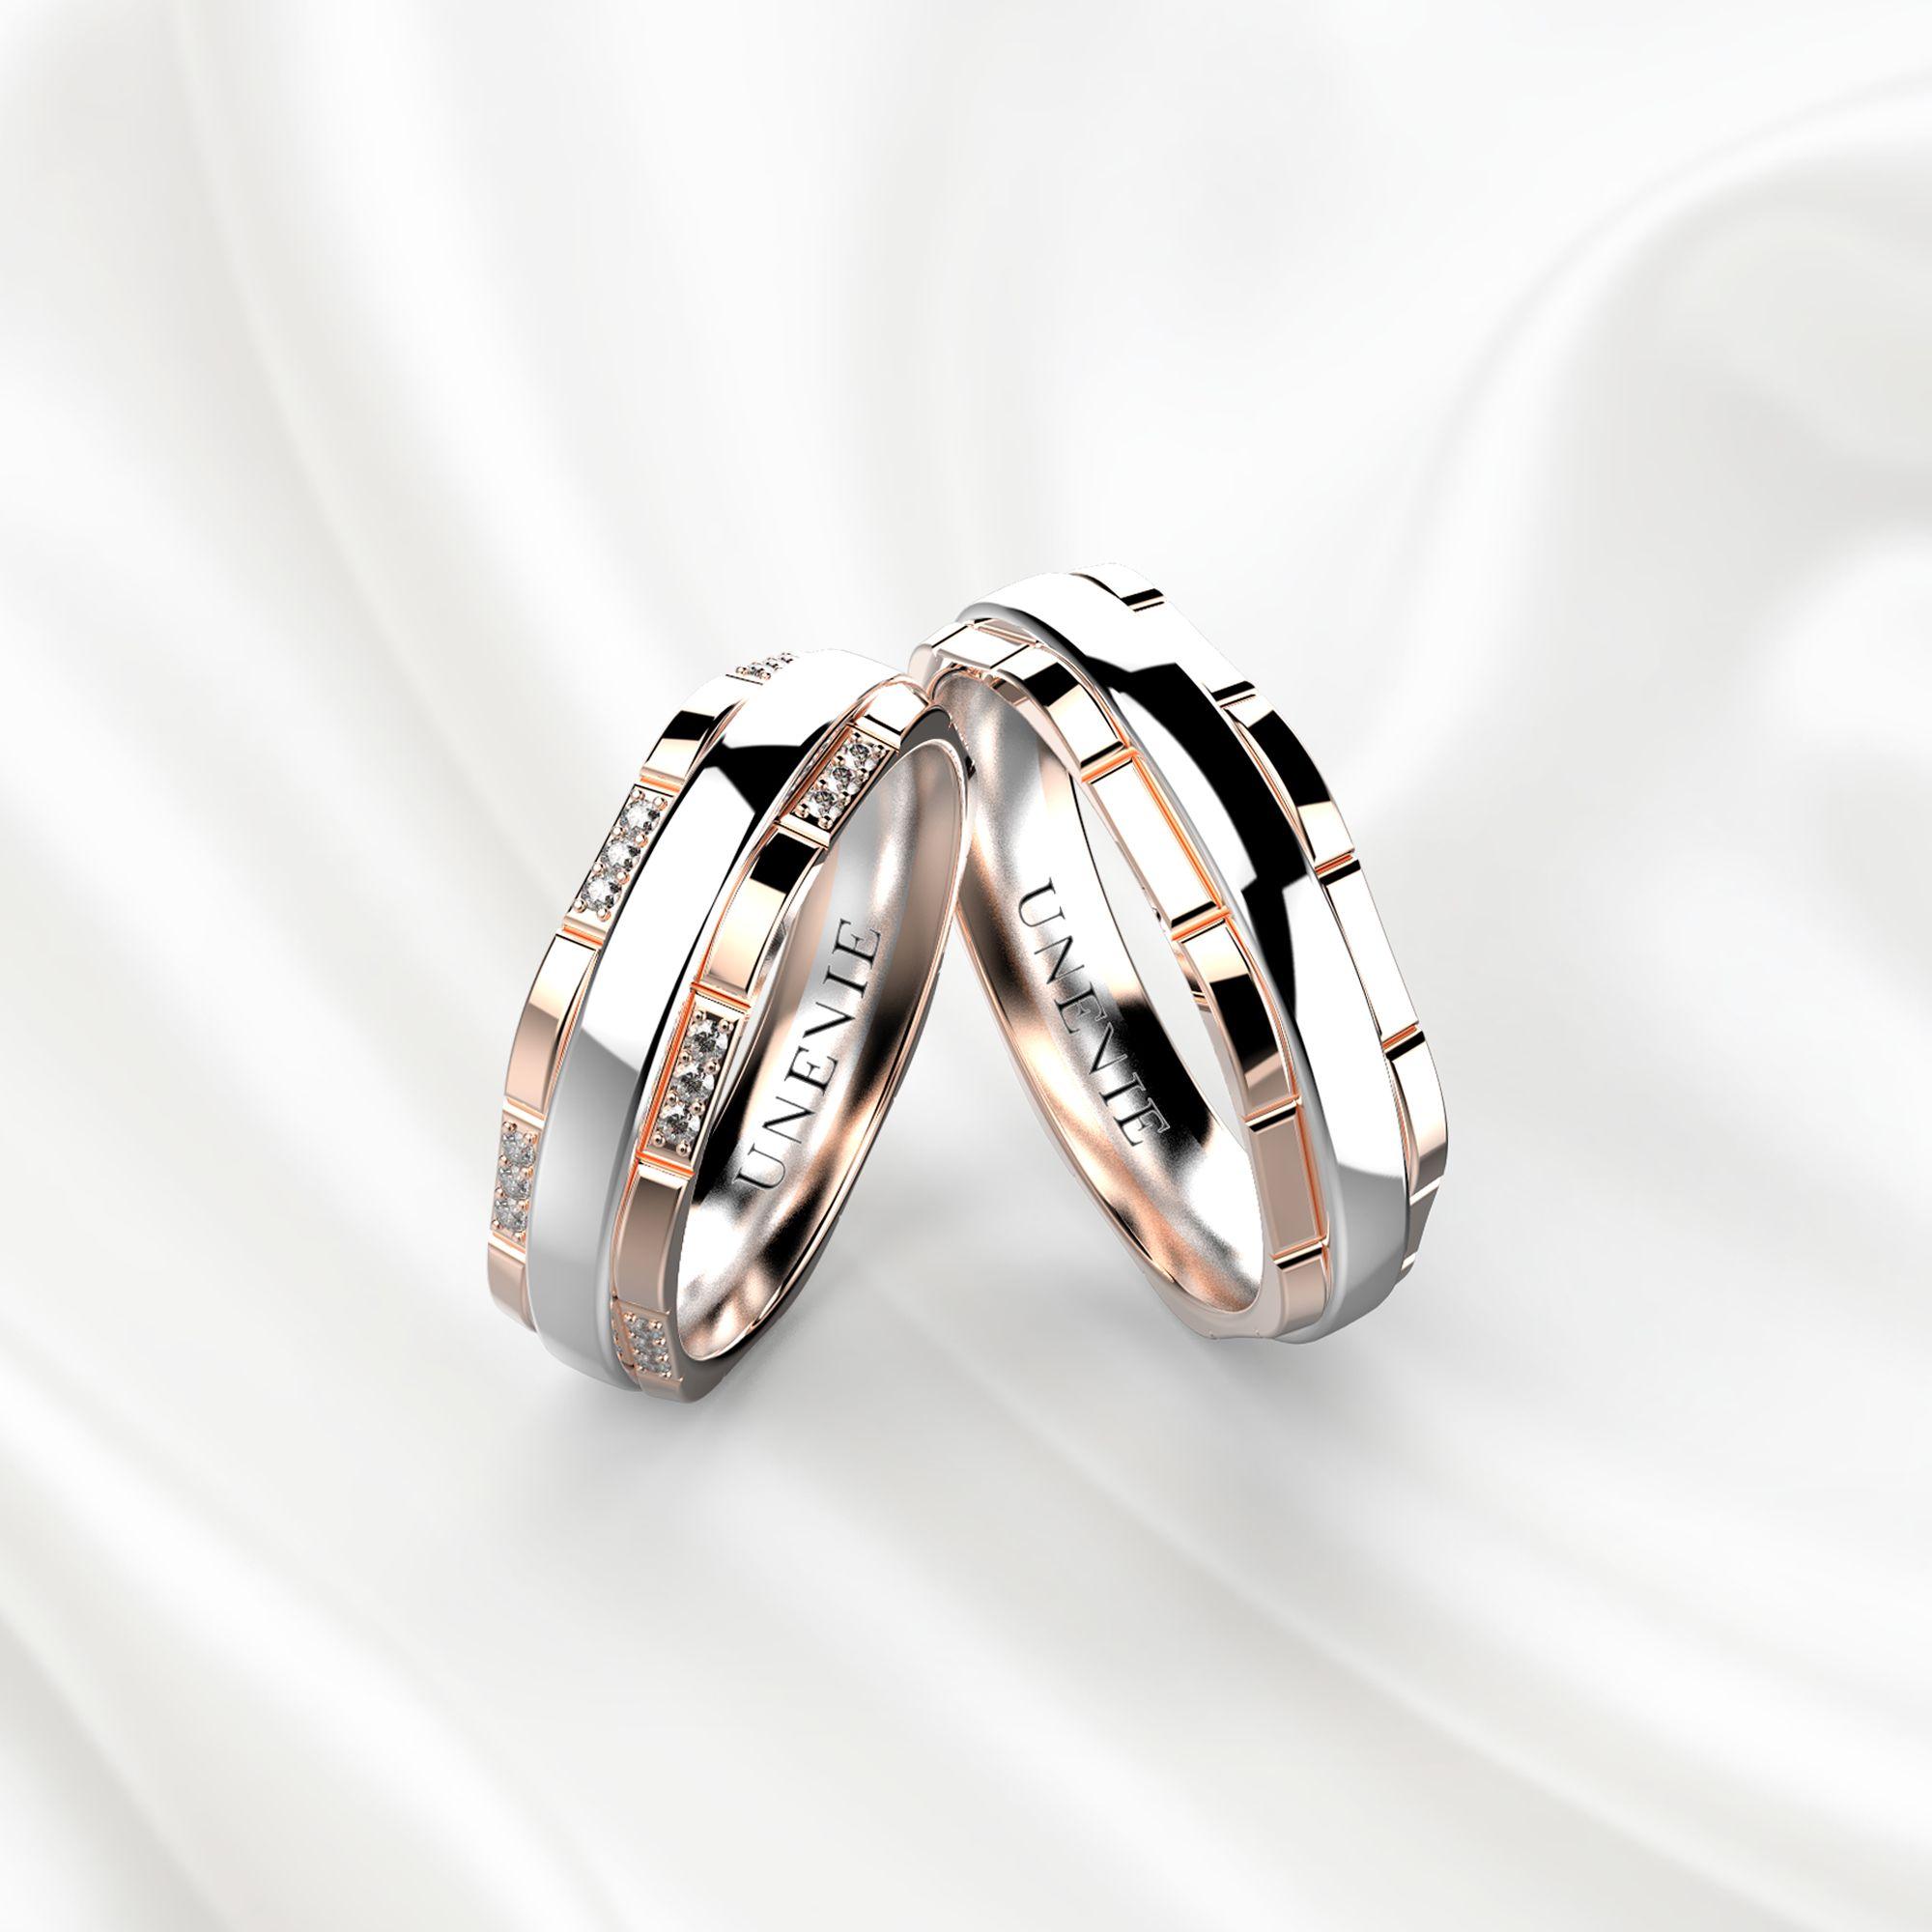 NV2 Обручальные кольца из розово-белого золота